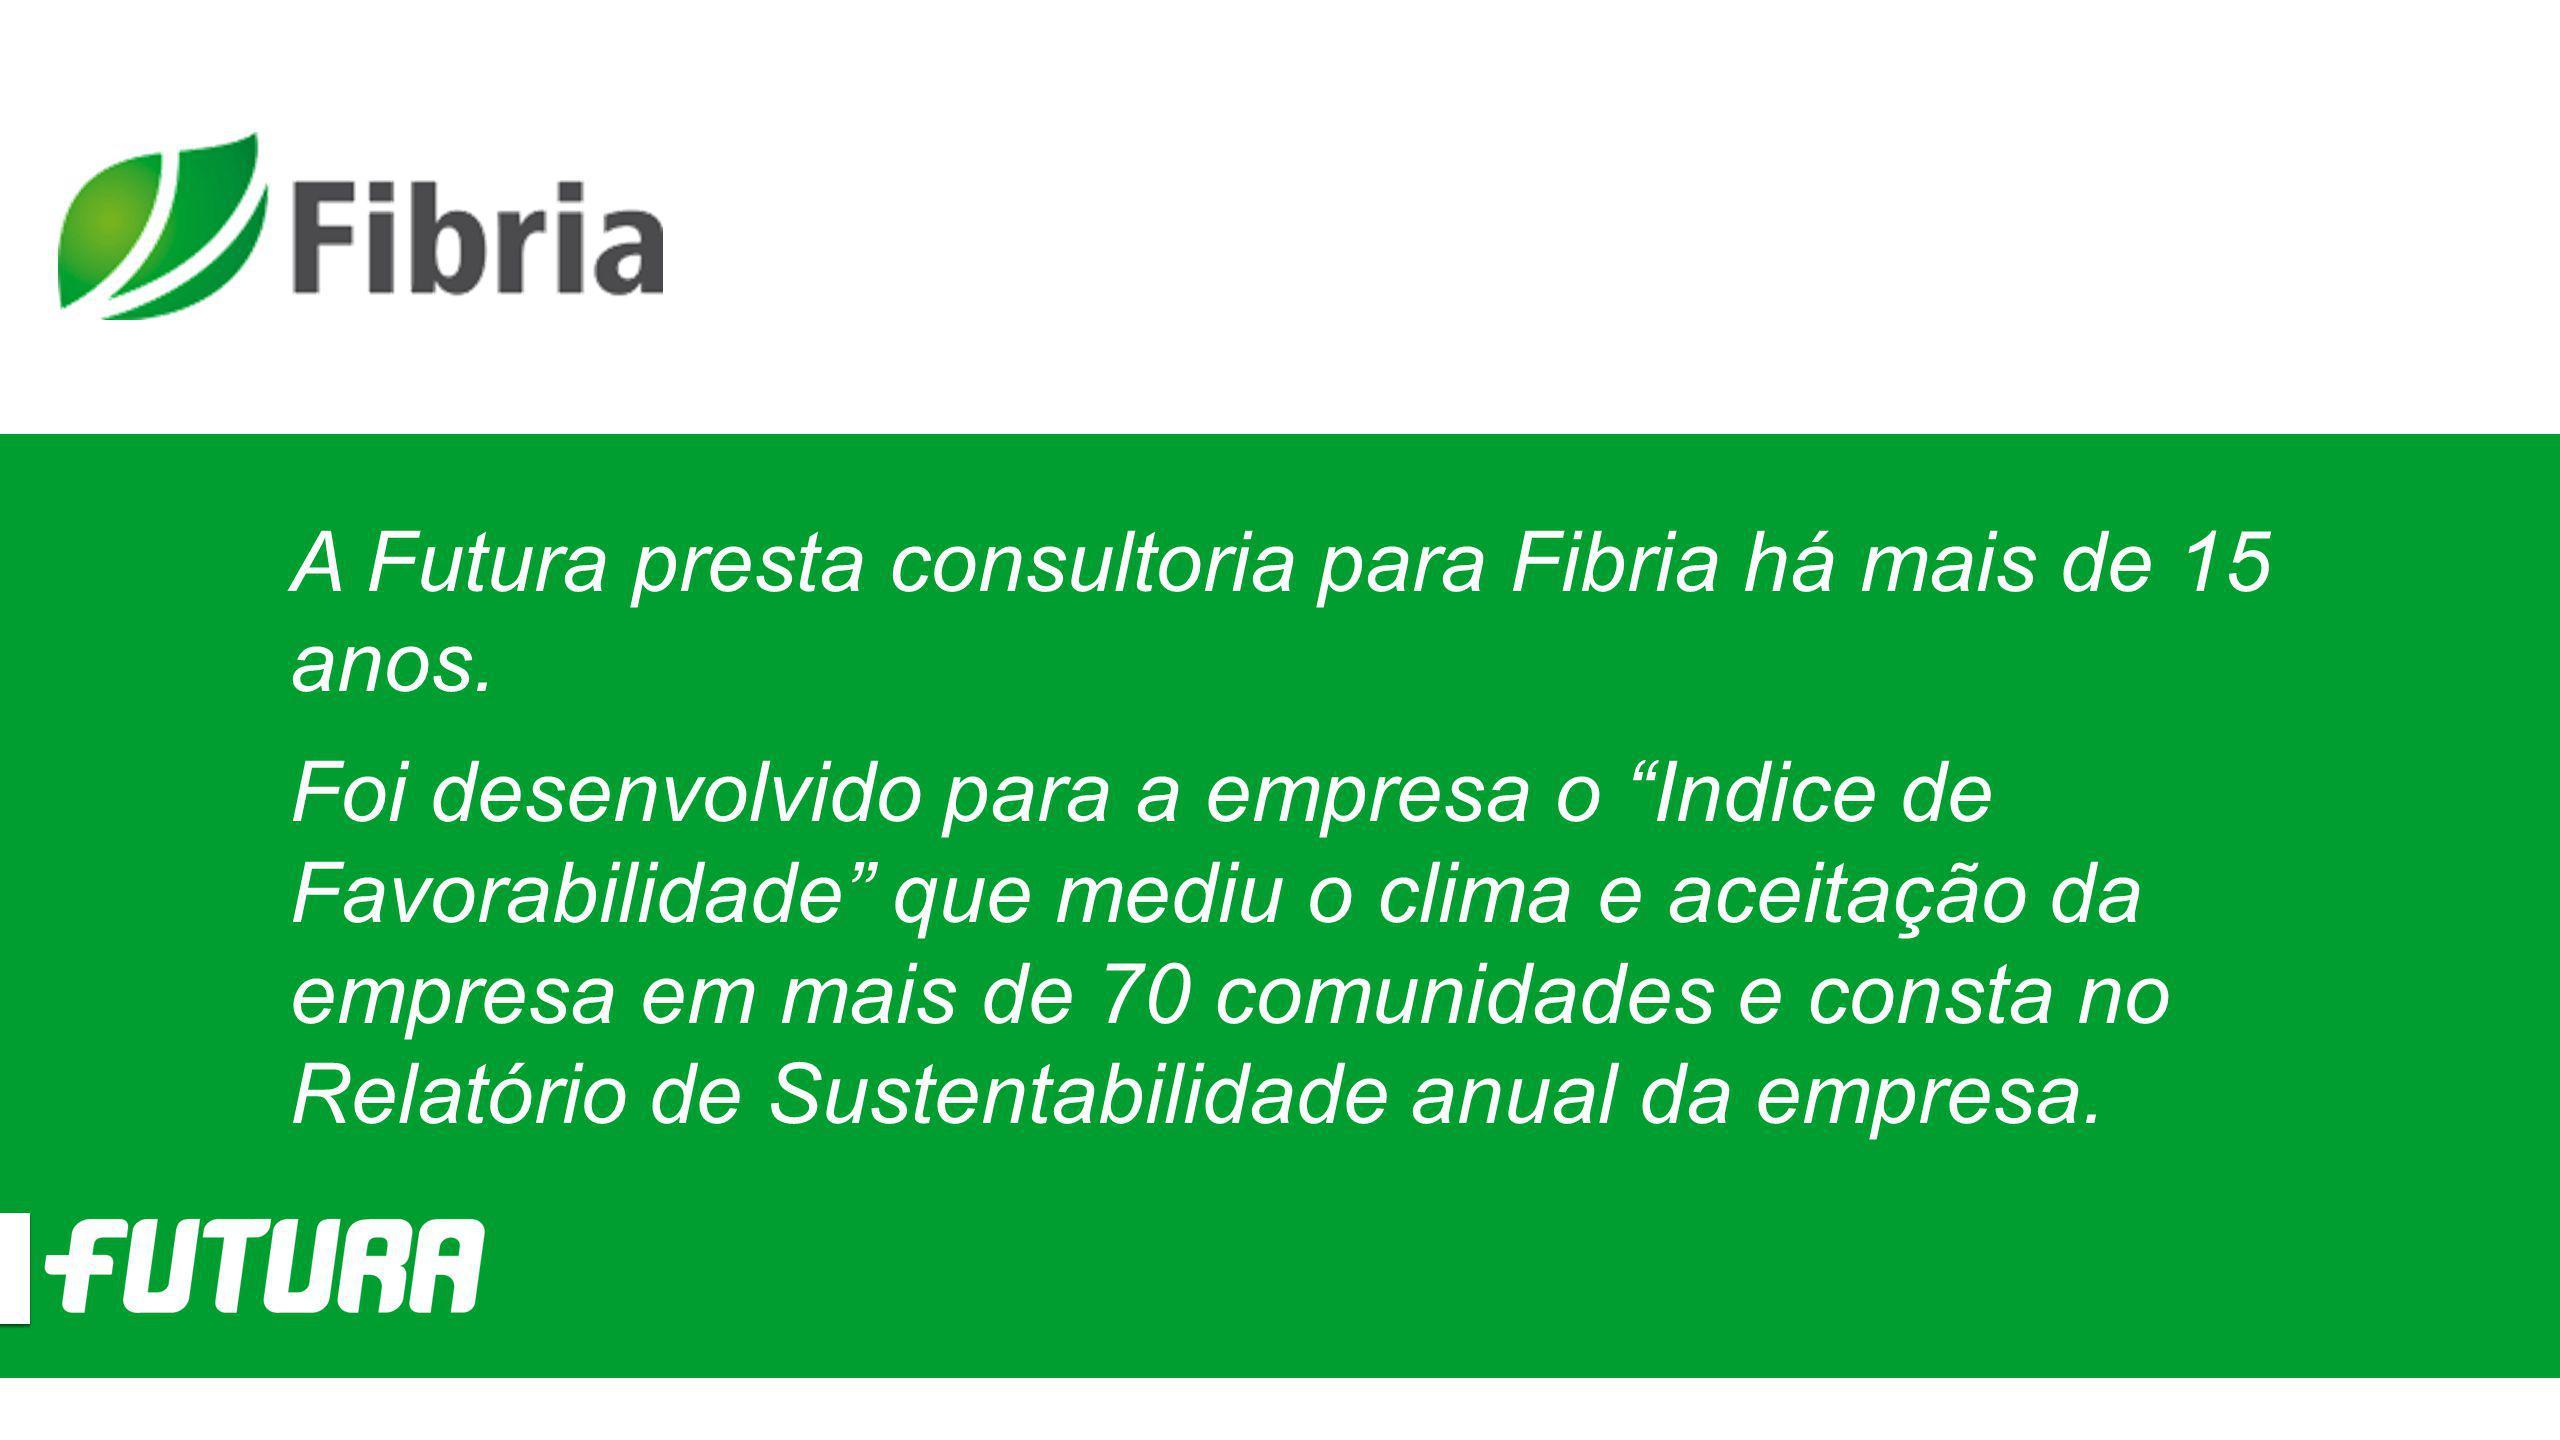 """A Futura presta consultoria para Fibria há mais de 15 anos. Foi desenvolvido para a empresa o """"Indice de Favorabilidade"""" que mediu o clima e aceitação"""